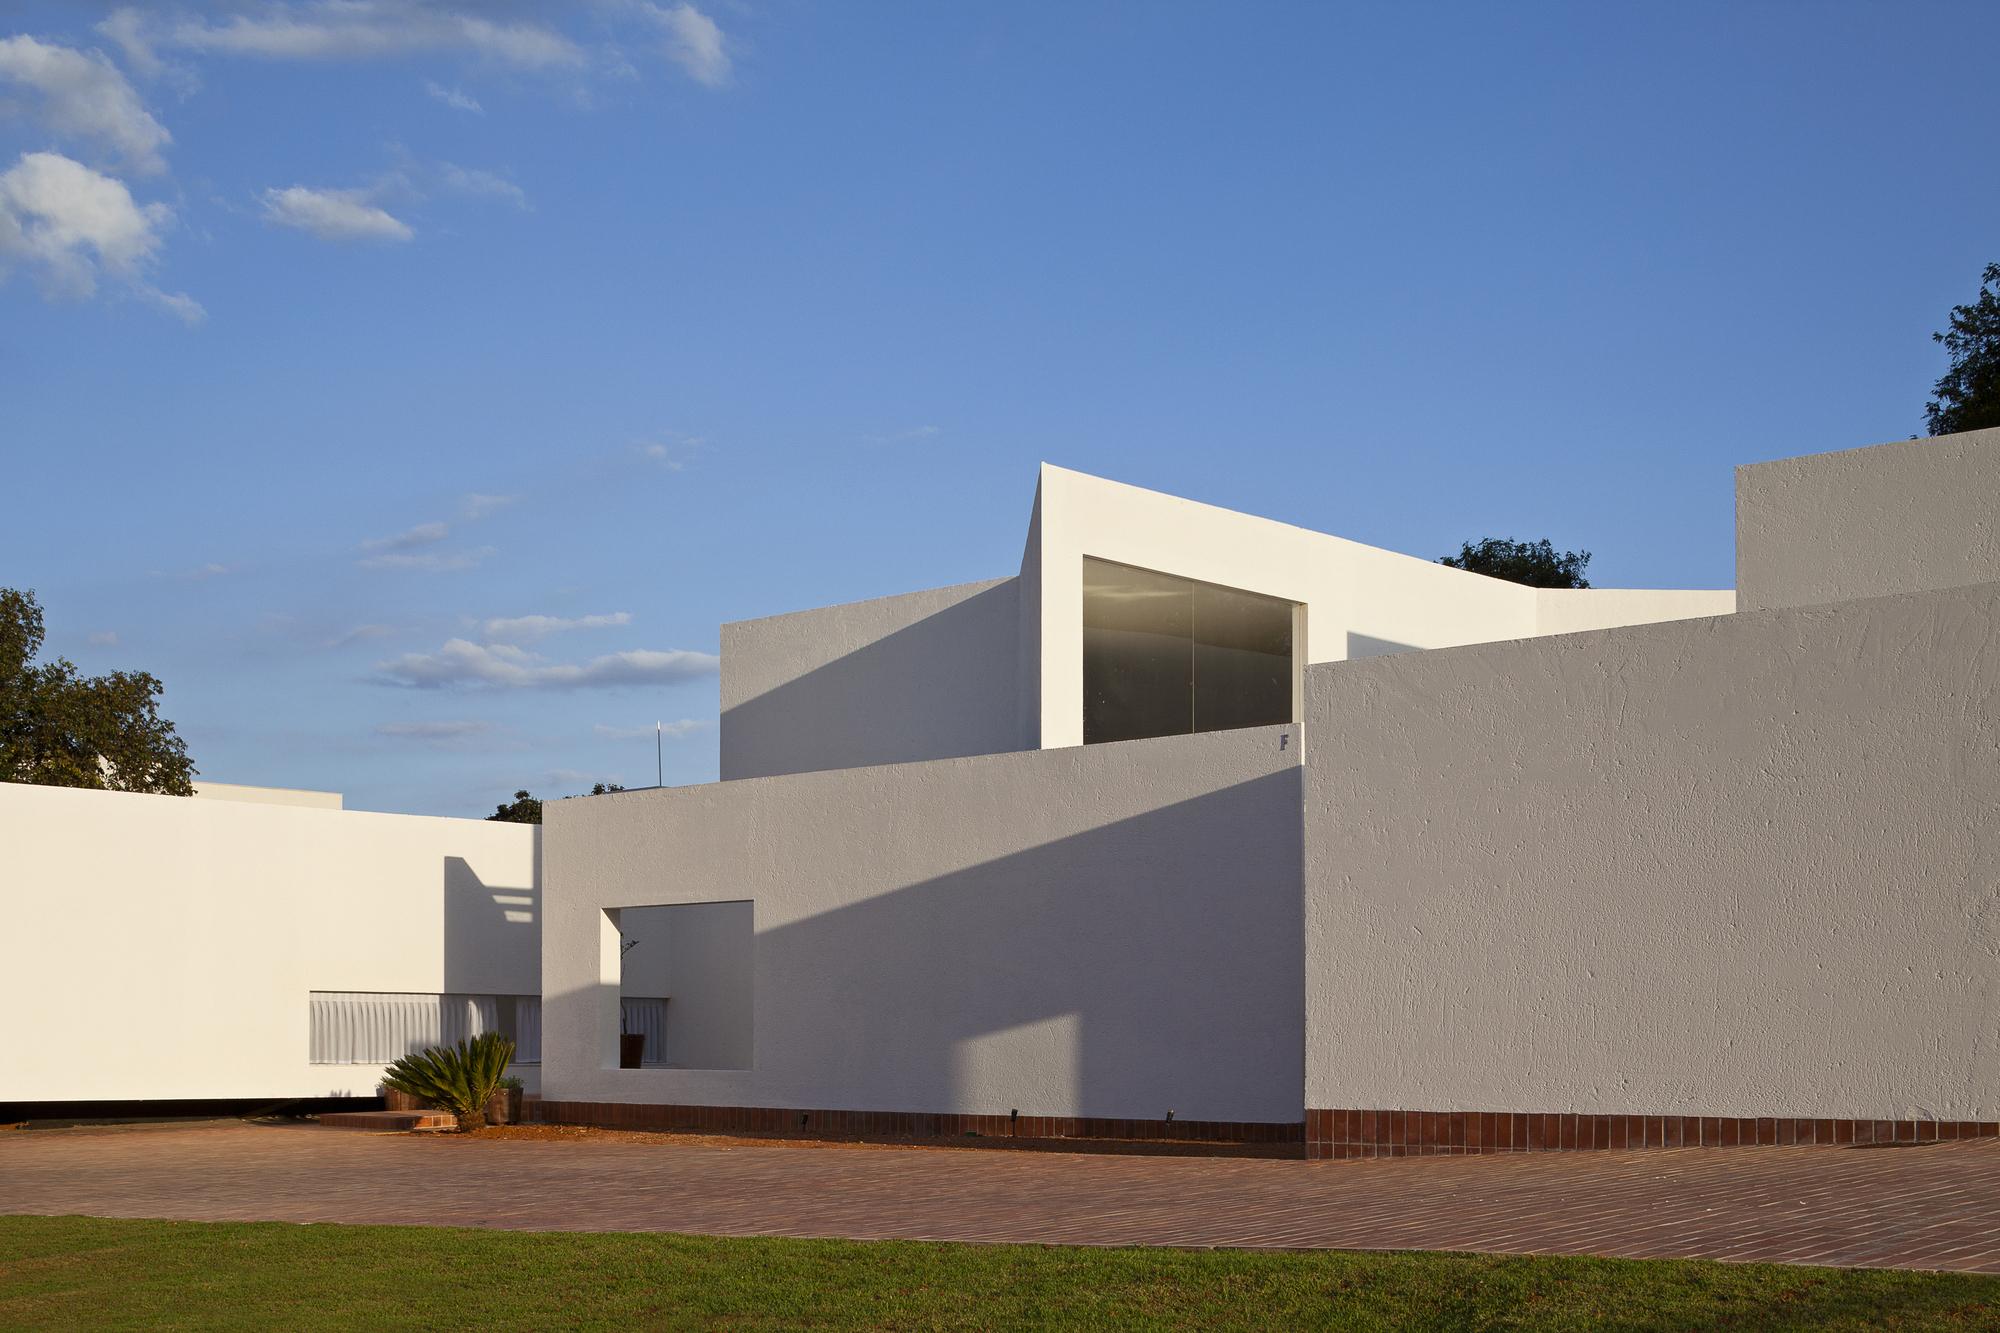 52269e61e8e44e03f4000114_migliari-guimar-es-house-domo-arquitetos__mg_1020_foto_haruo_mikami.jpg